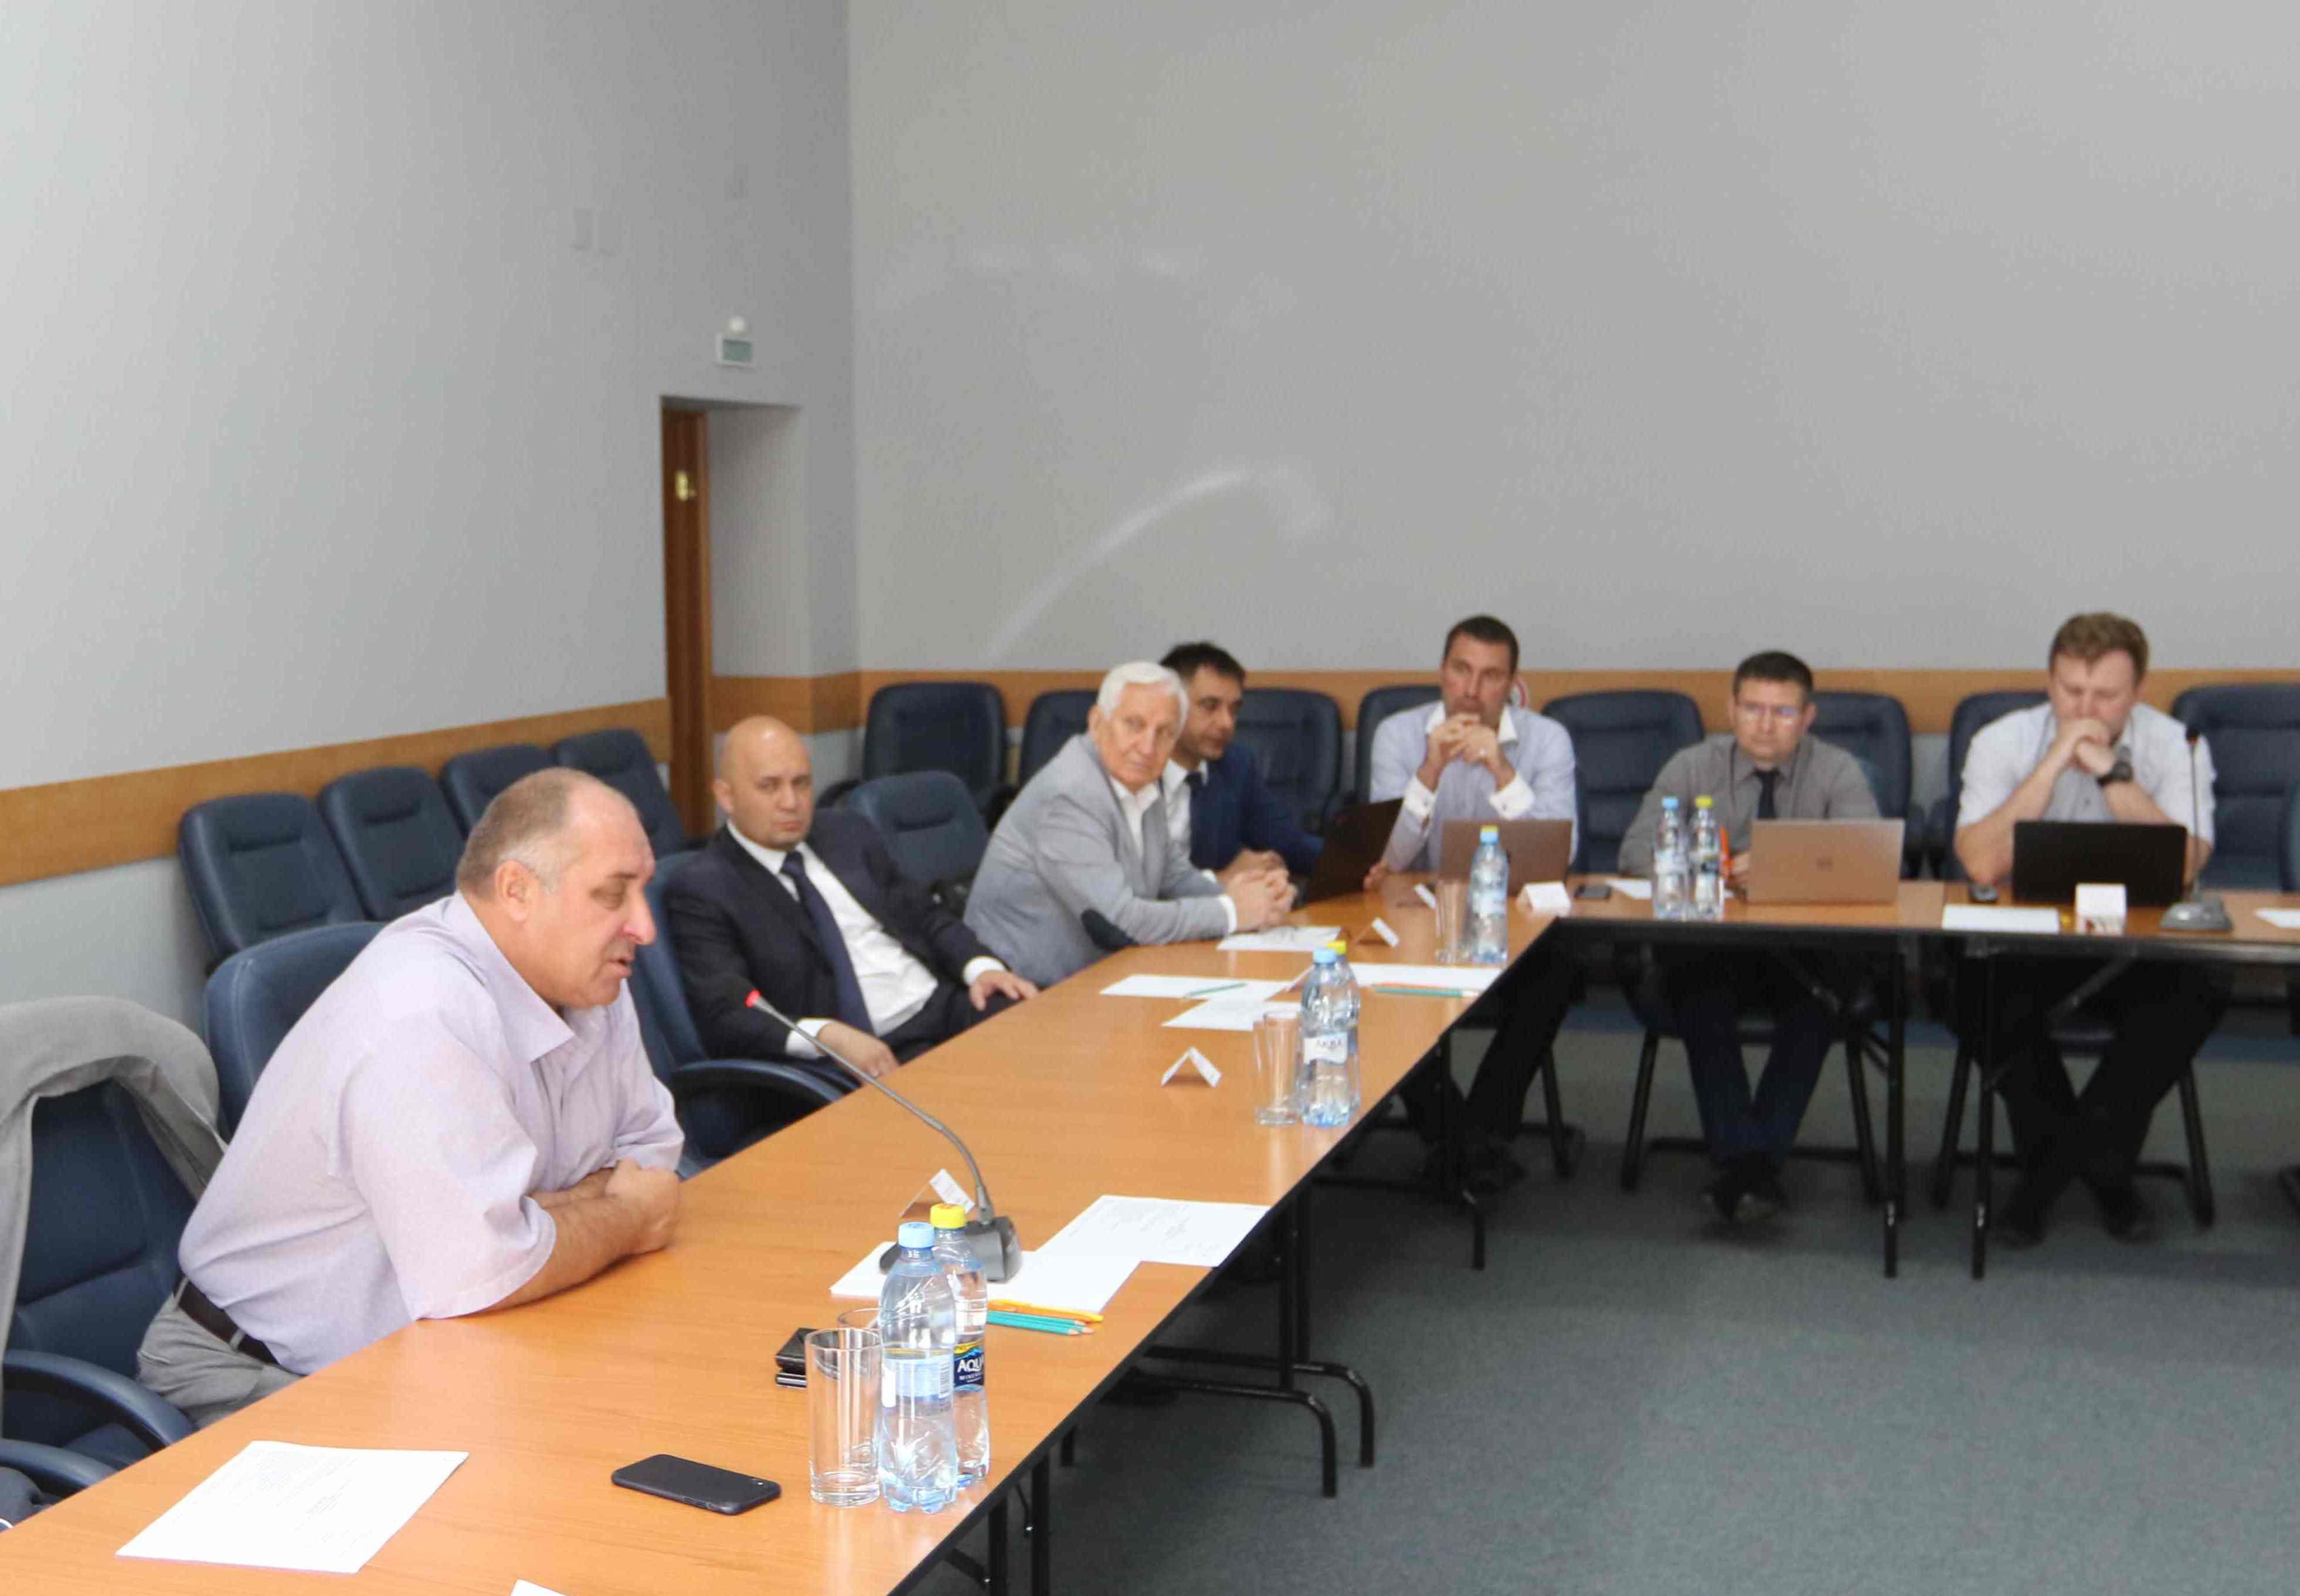 Компания «Металлоинвест» и Группа ЧТПЗ договорились о создании совместного научно-инженерного центра